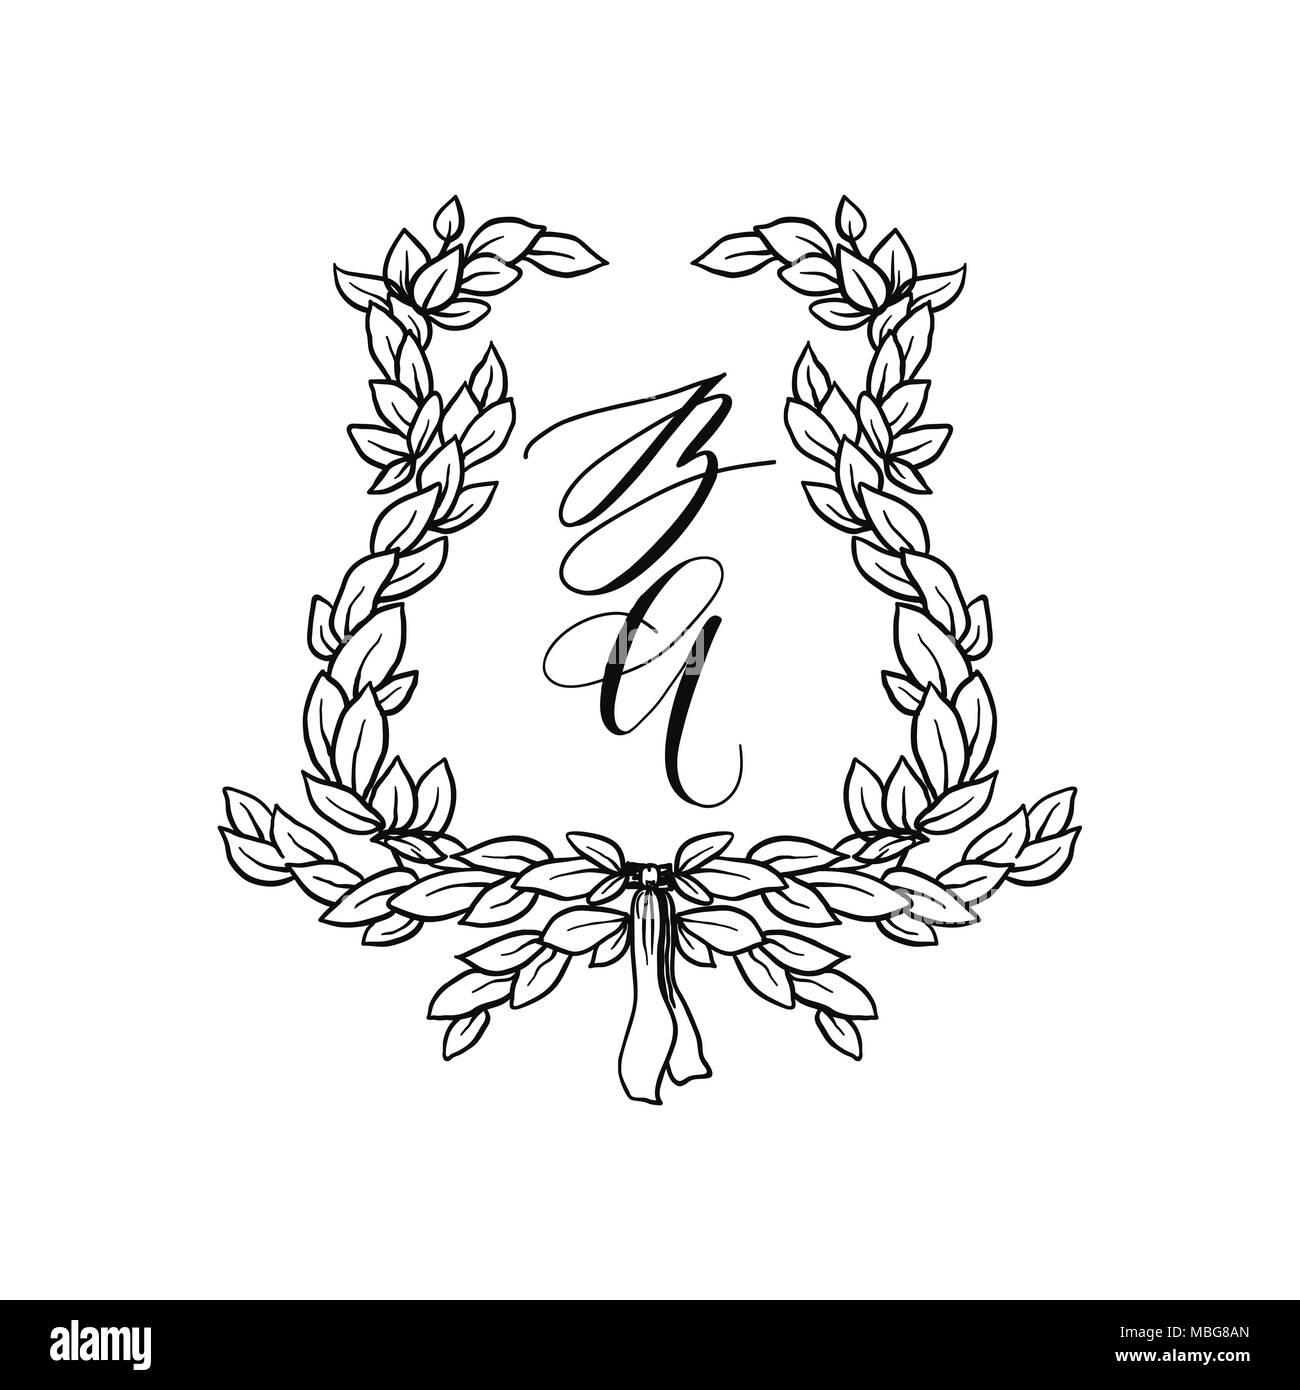 wedding stationery ornament Stock Vector Art & Illustration, Vector ...